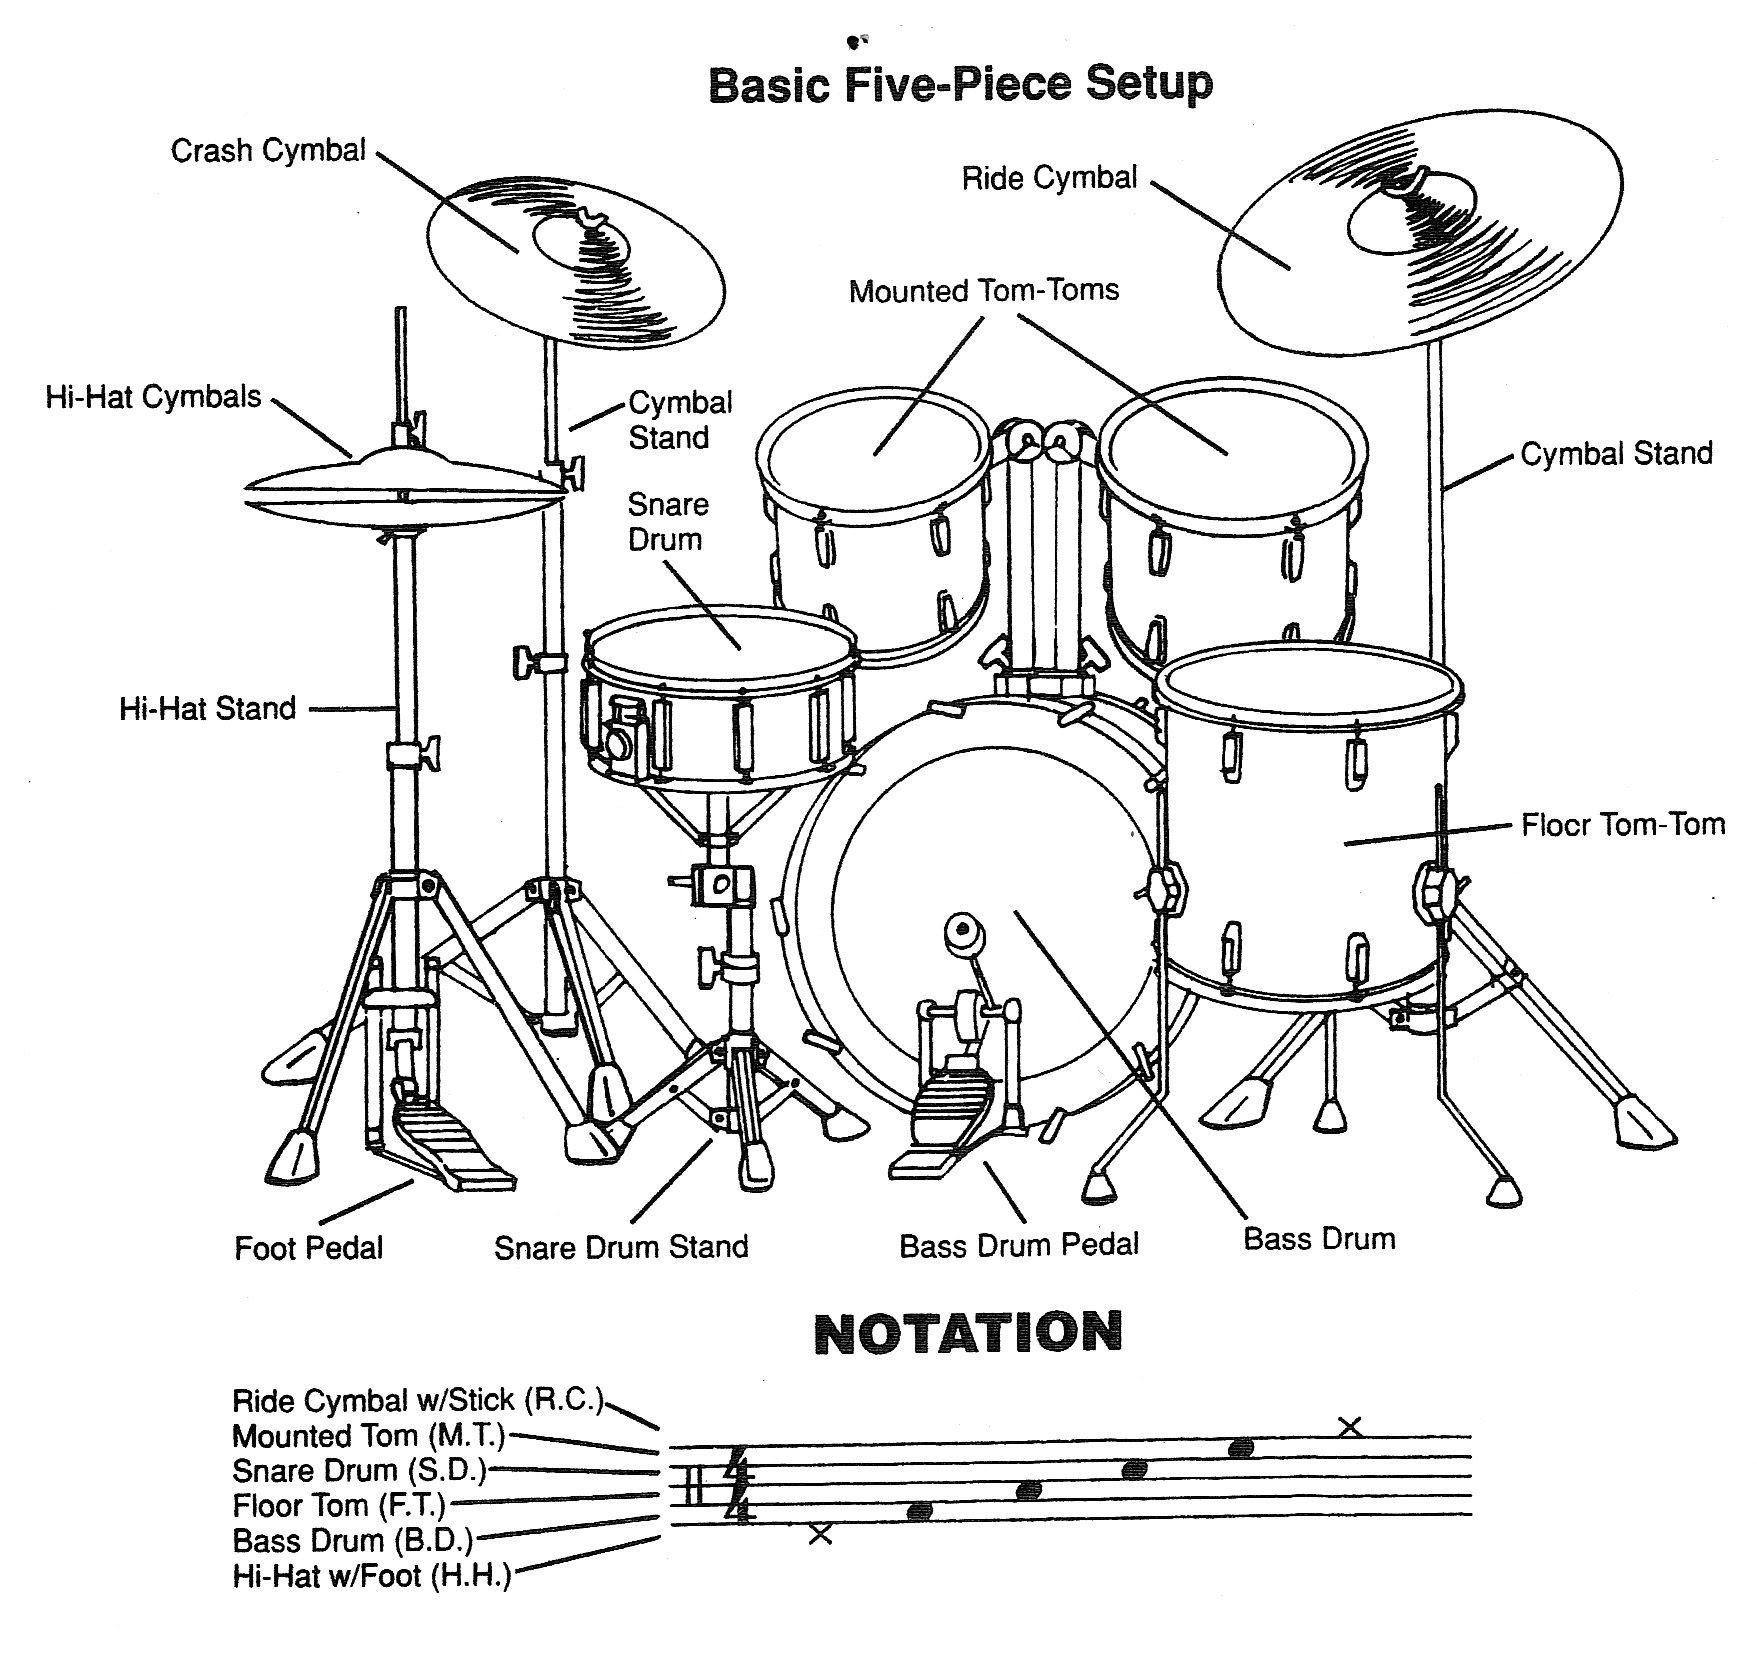 Basic Five Piece Drum Set Back View